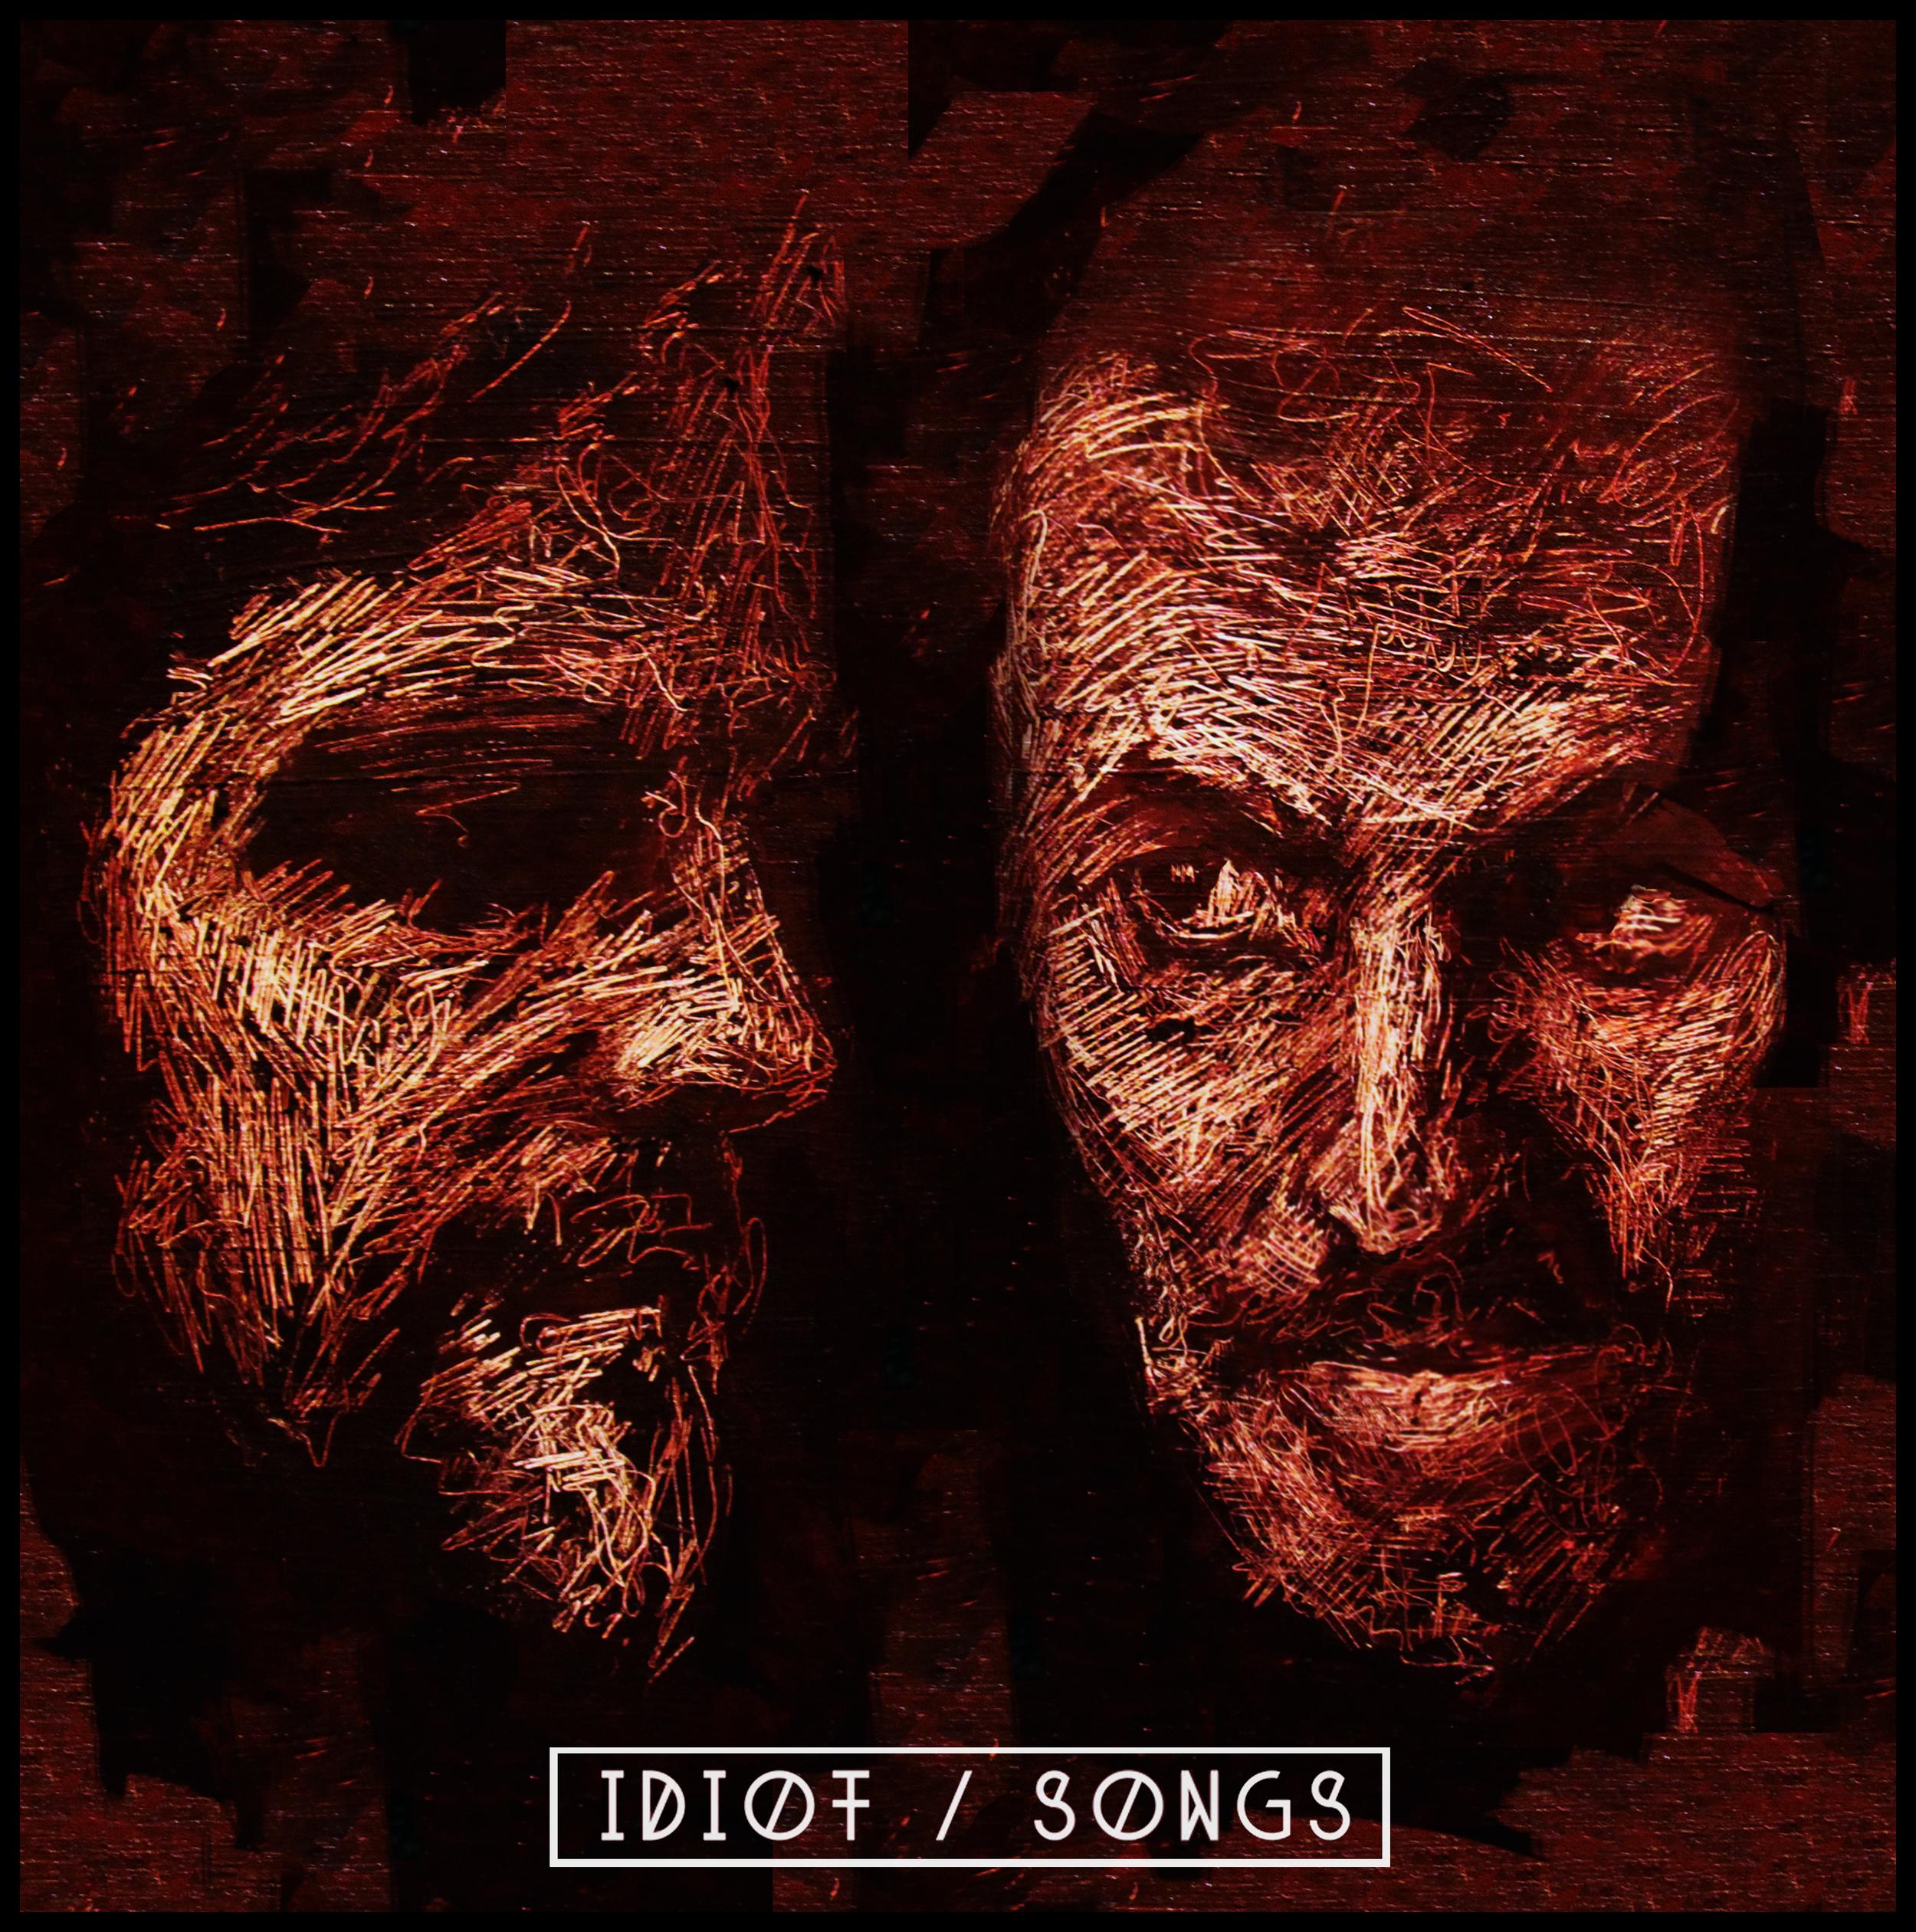 idiot songs cover art by paraic mcgloughlin.jpg